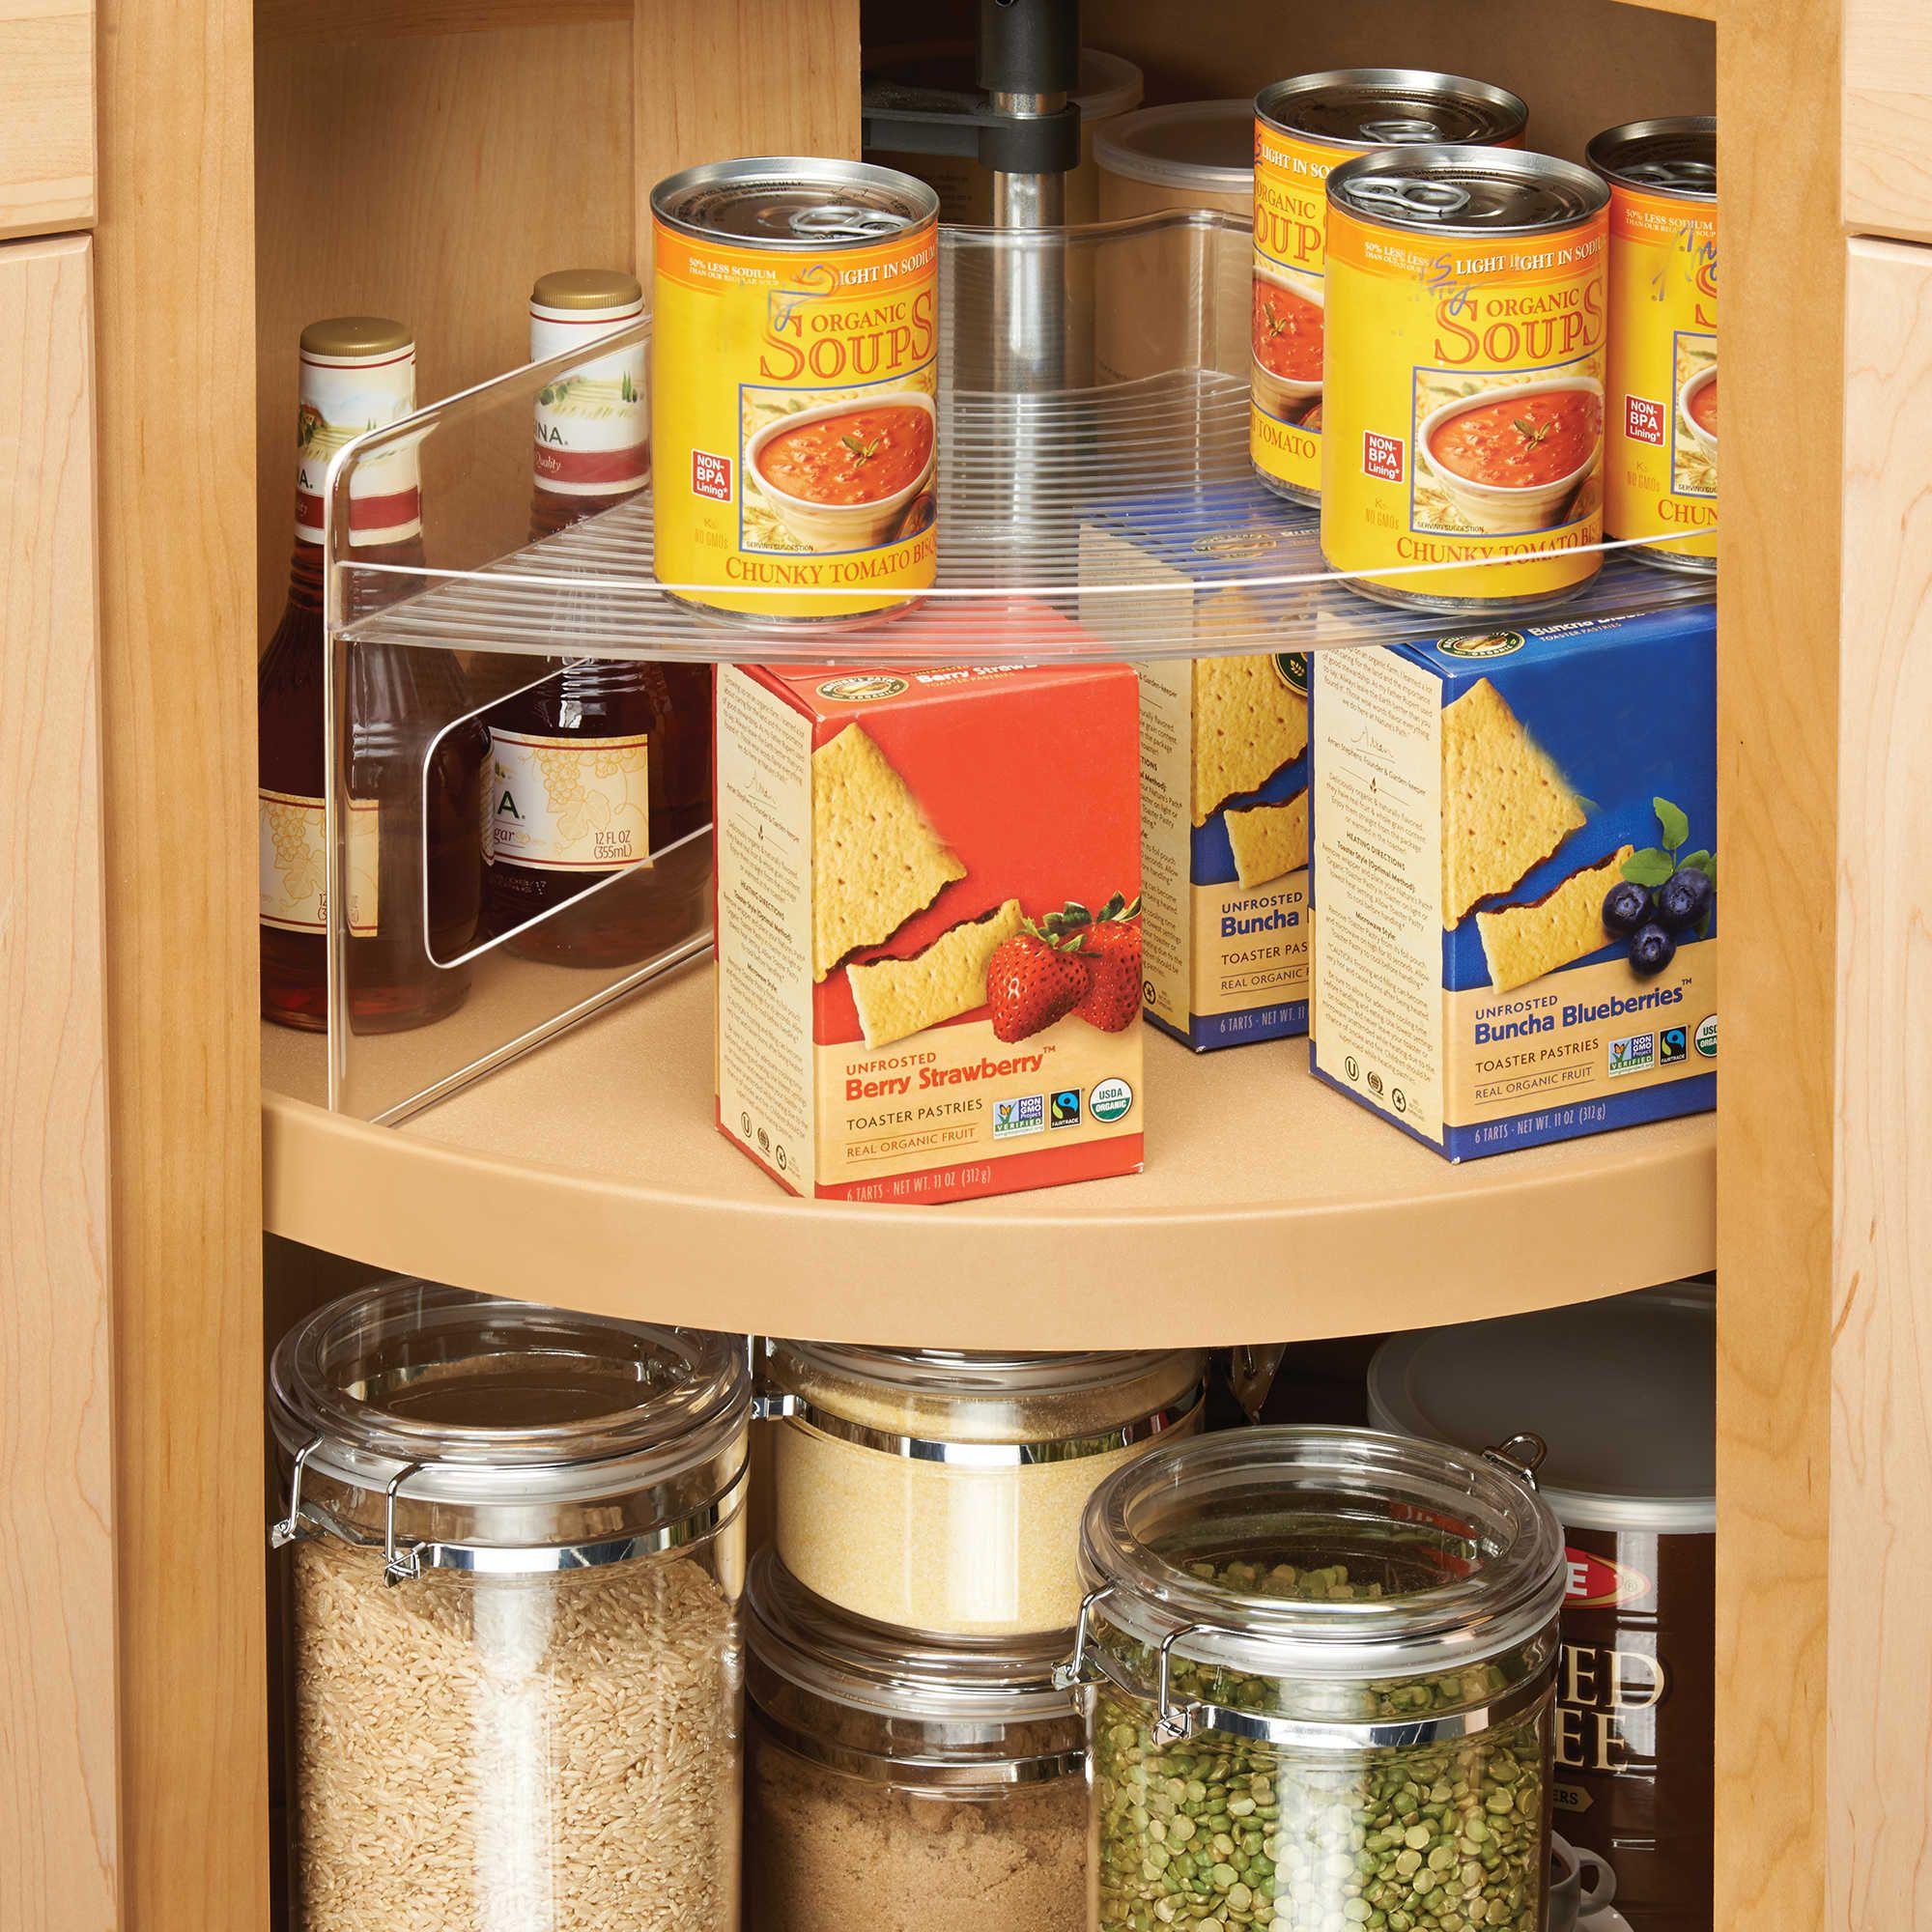 Superieur InterDesign® Cabinet Binz™ Lazy Susan Storage Shelf